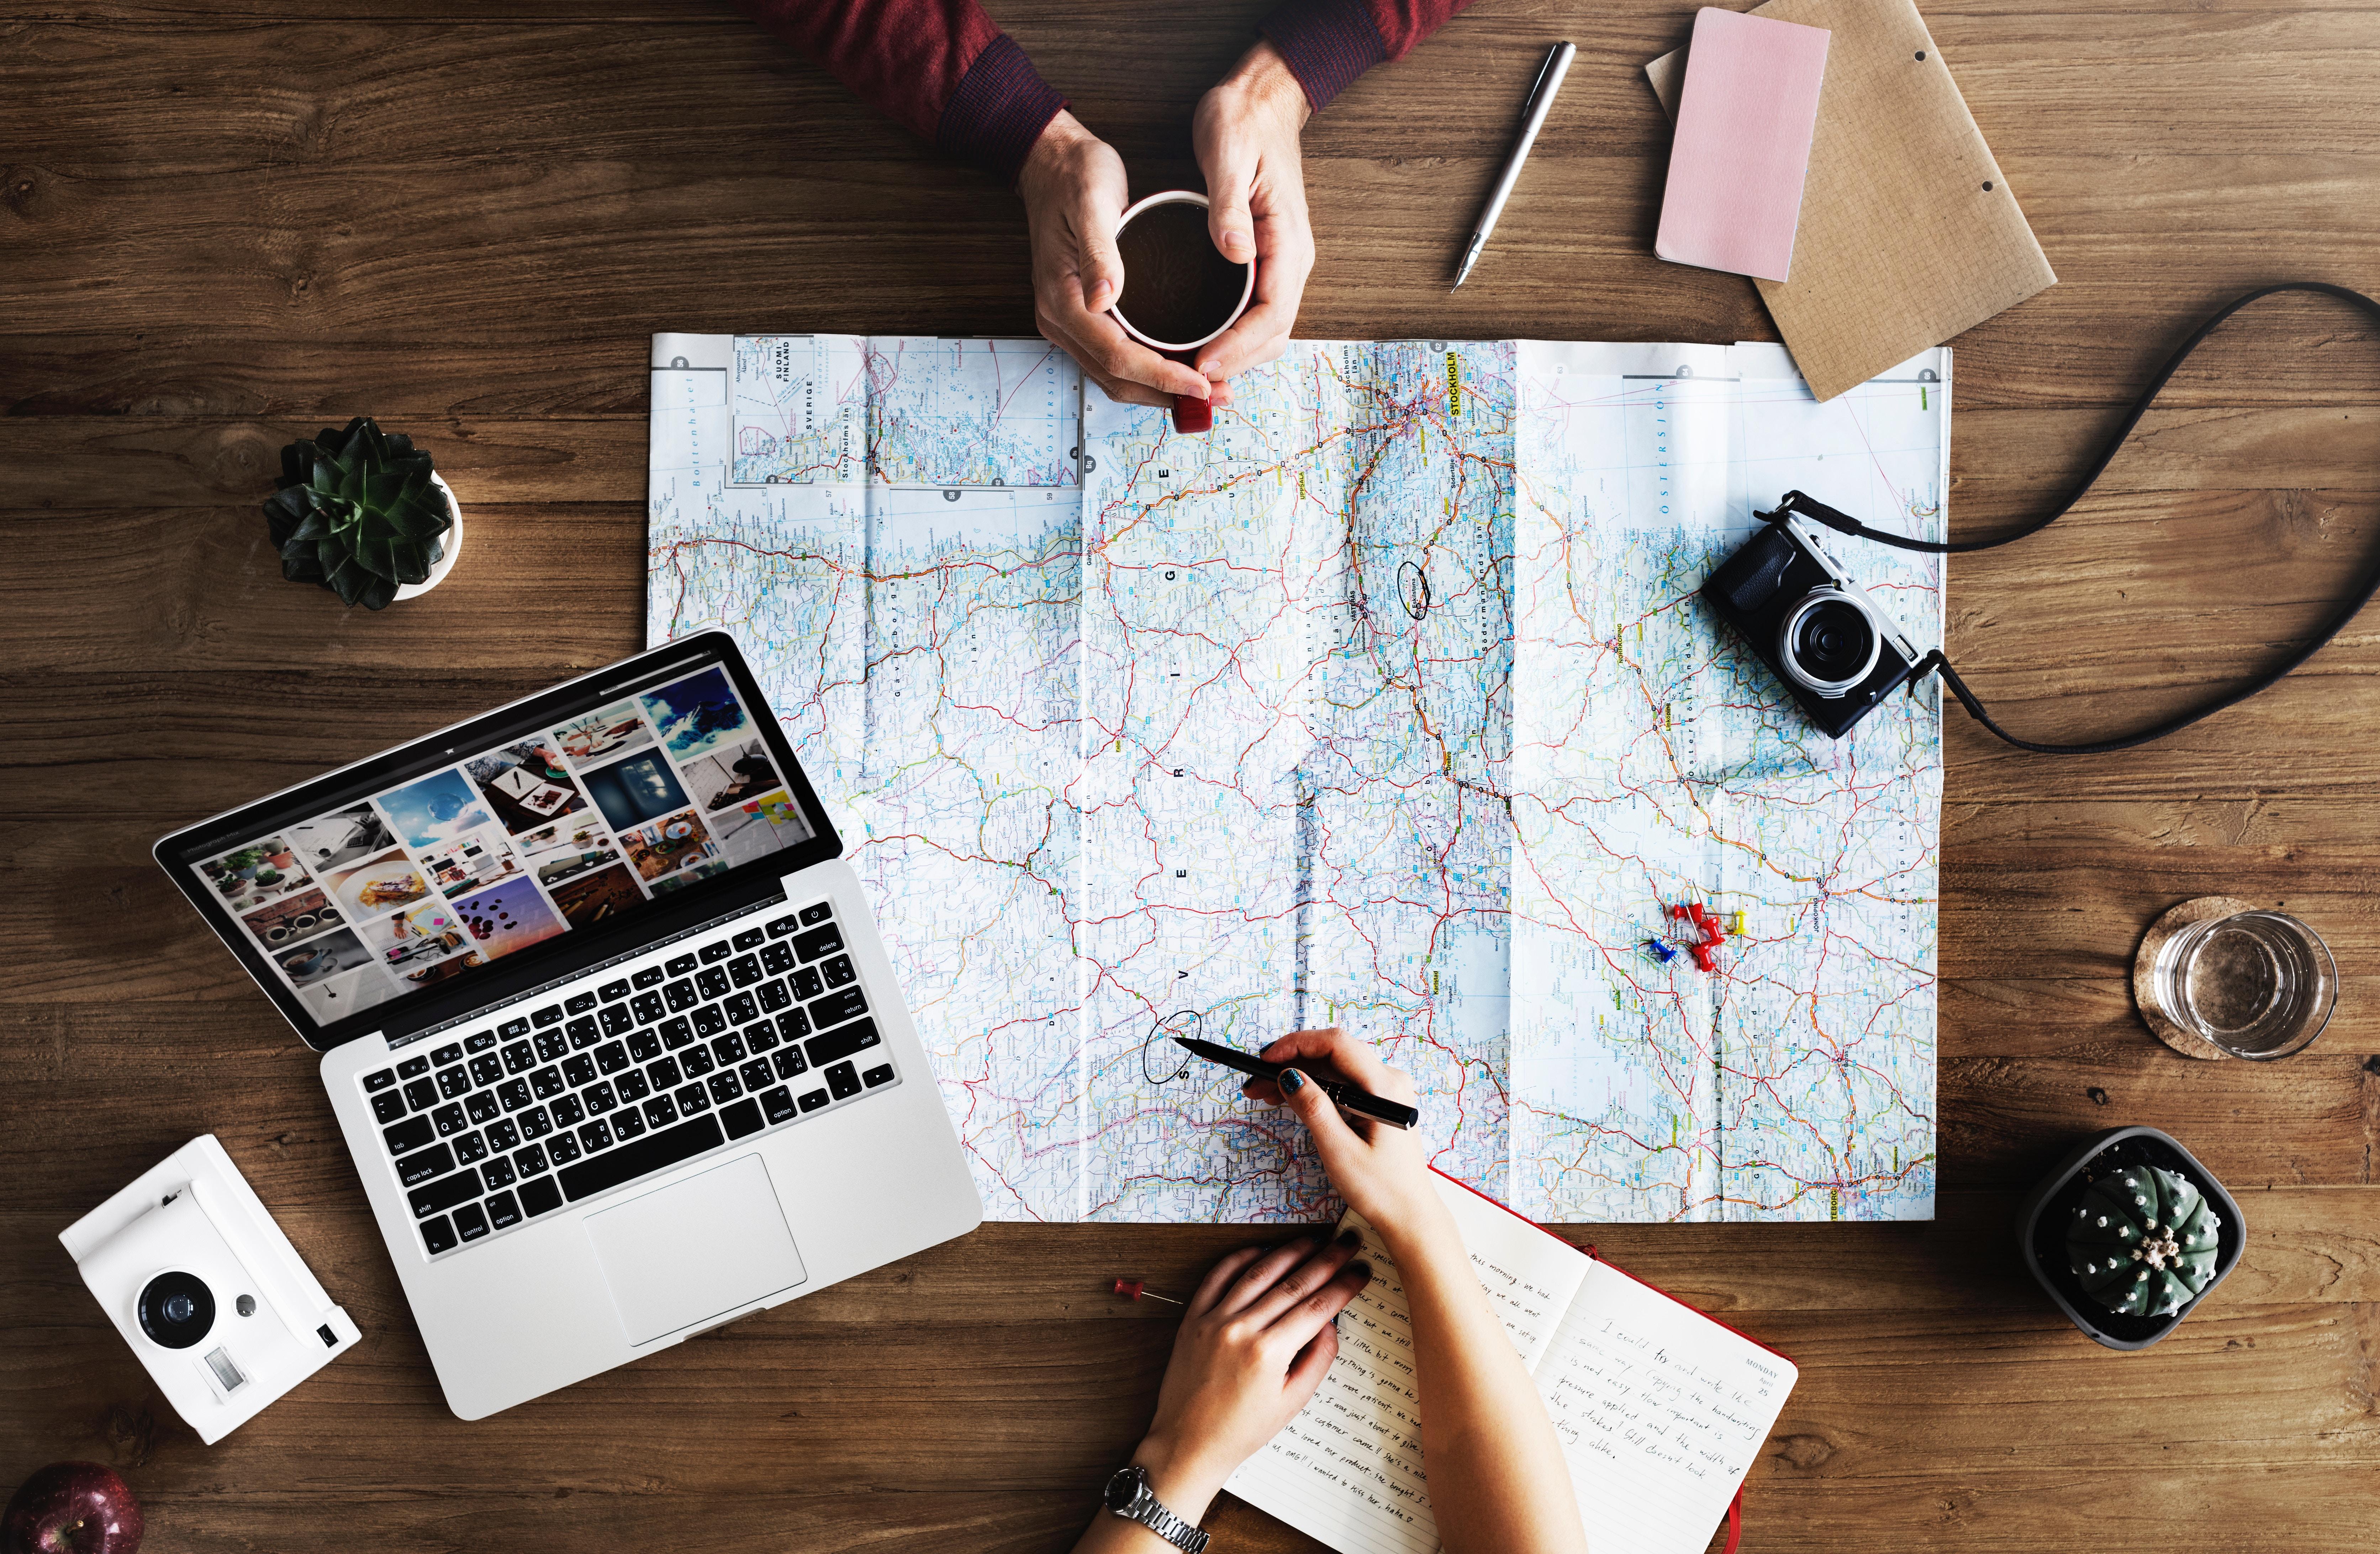 Créer et suivre son propre itinéraire